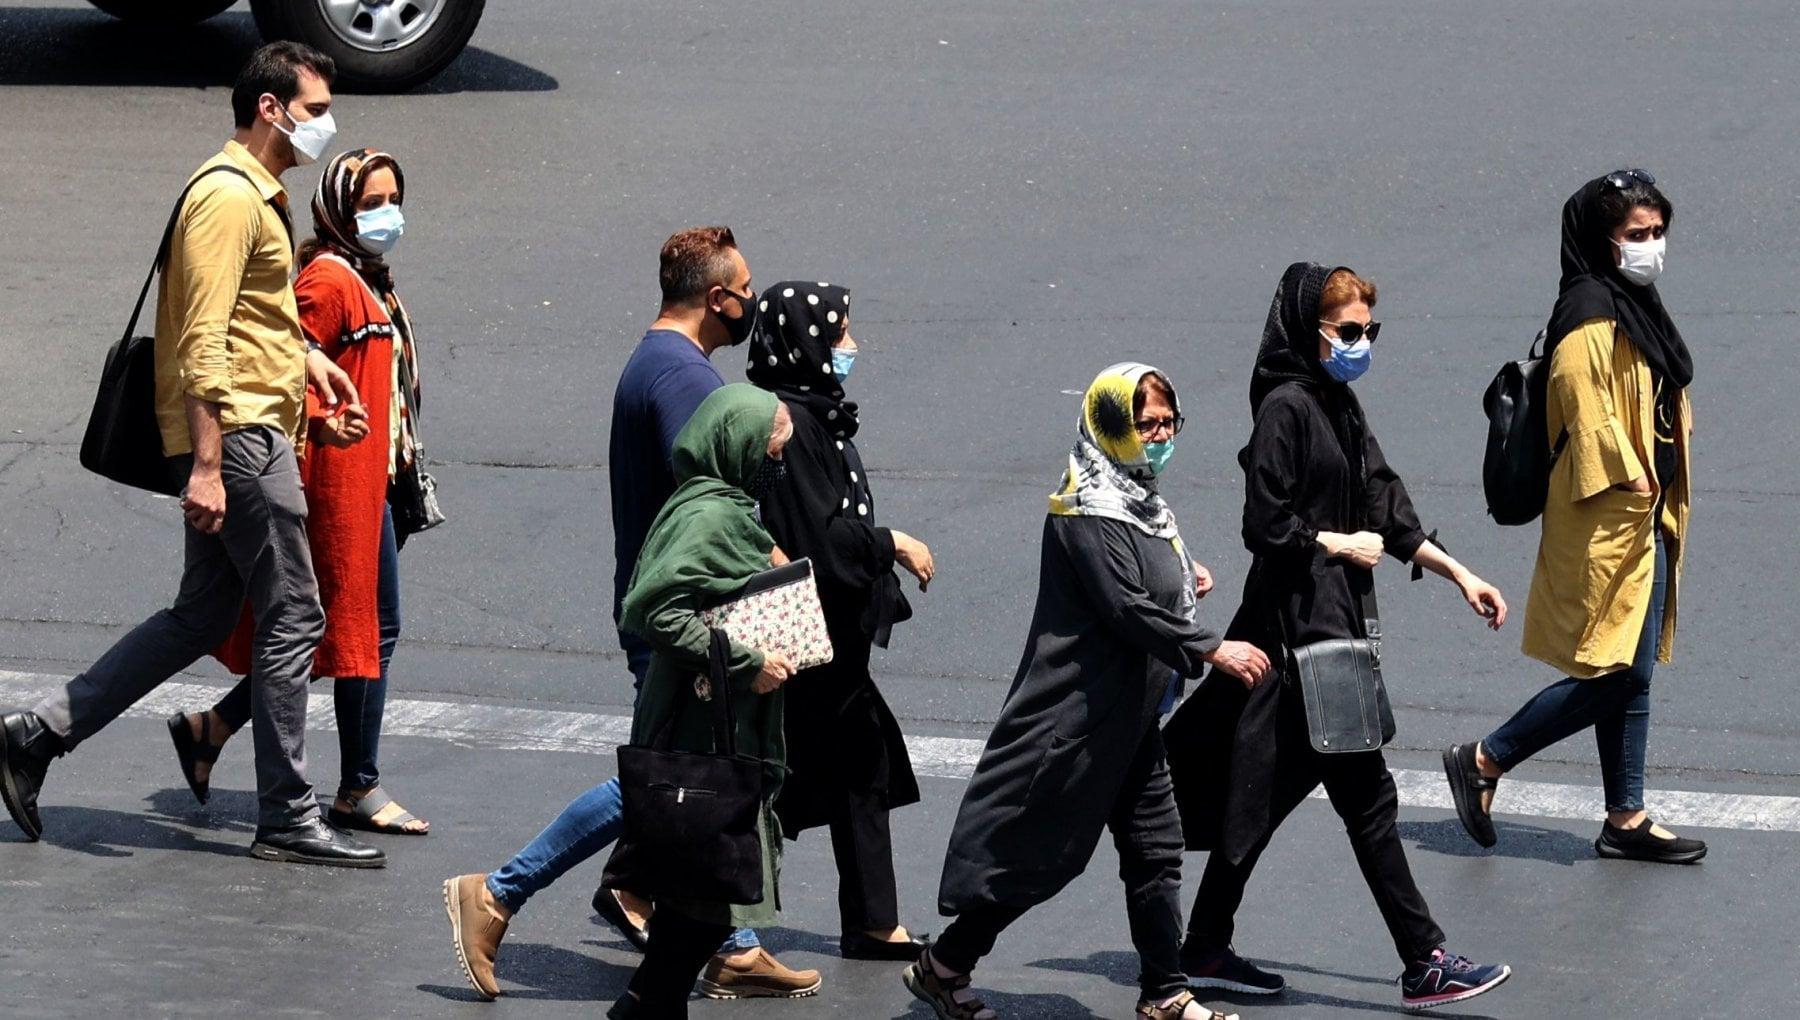 171600936 a6a885b0 2f5a 41e9 9dc4 fe475c75befd - Iran, boom di milionari nonostante le sanzioni e la pandemia